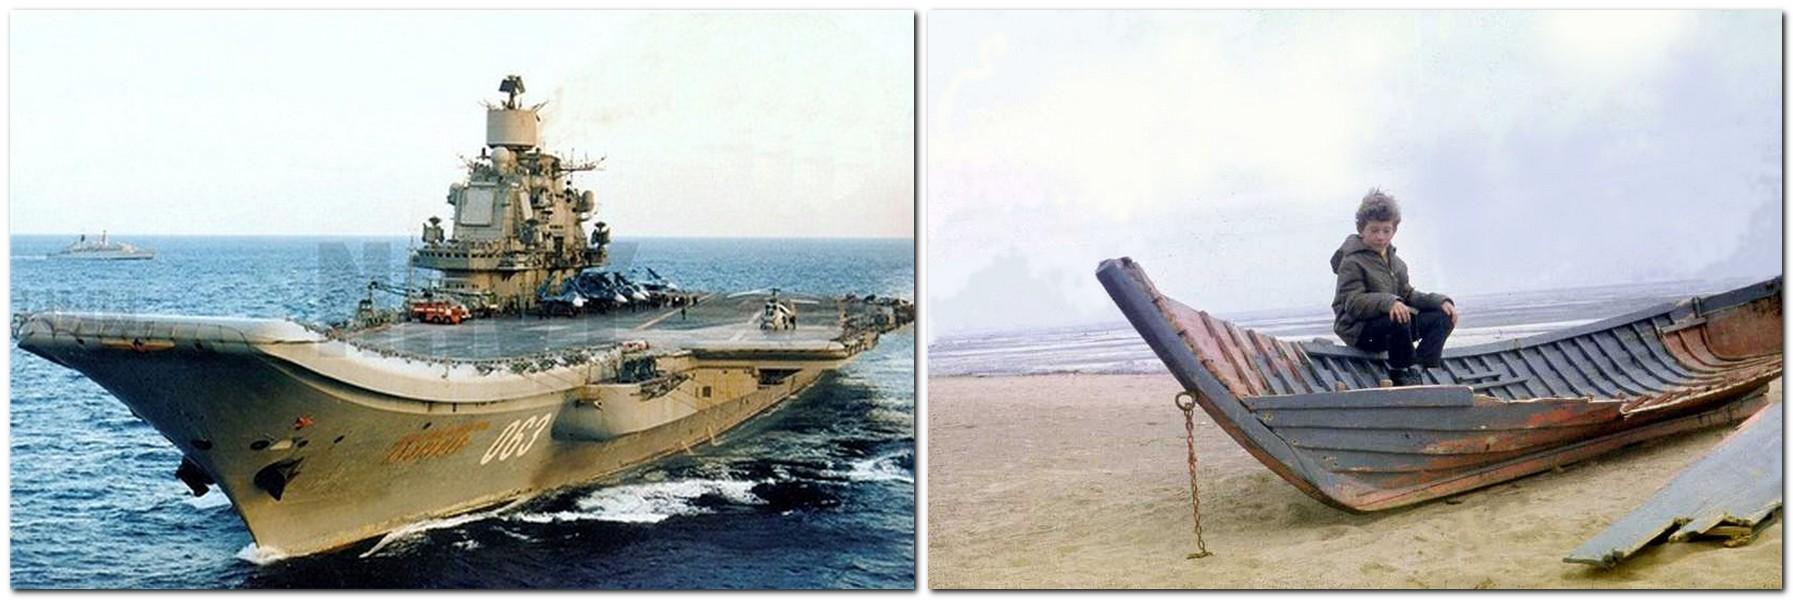 Две лодки.jpg